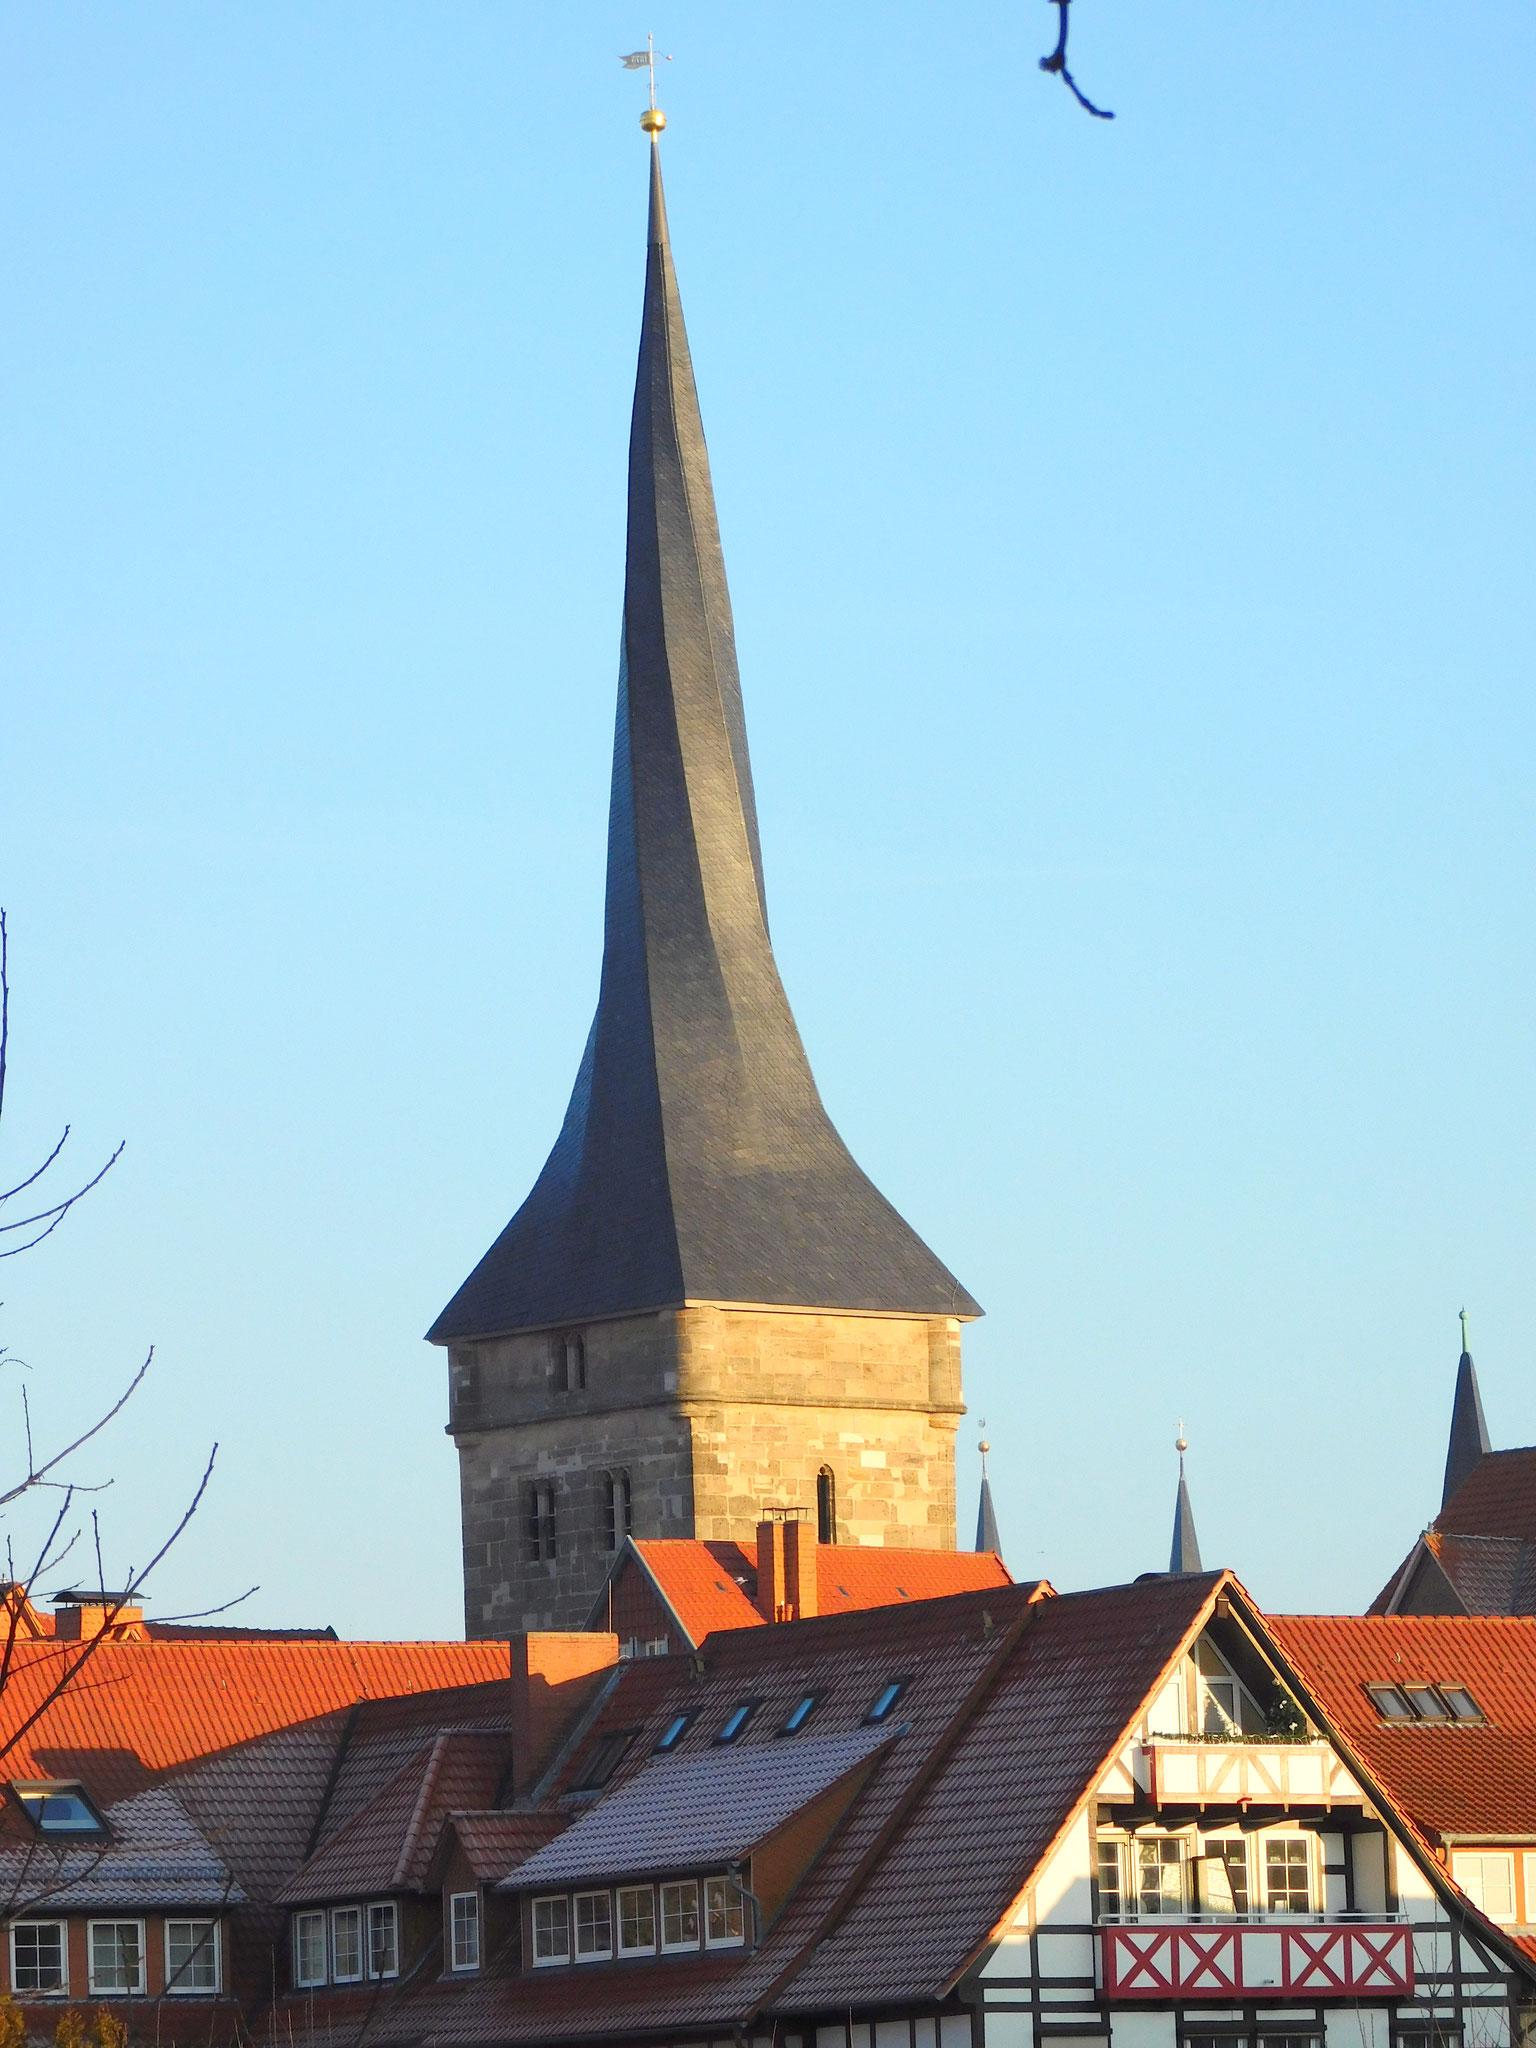 Der Westerturm - das Wahrzeichen der Stadt